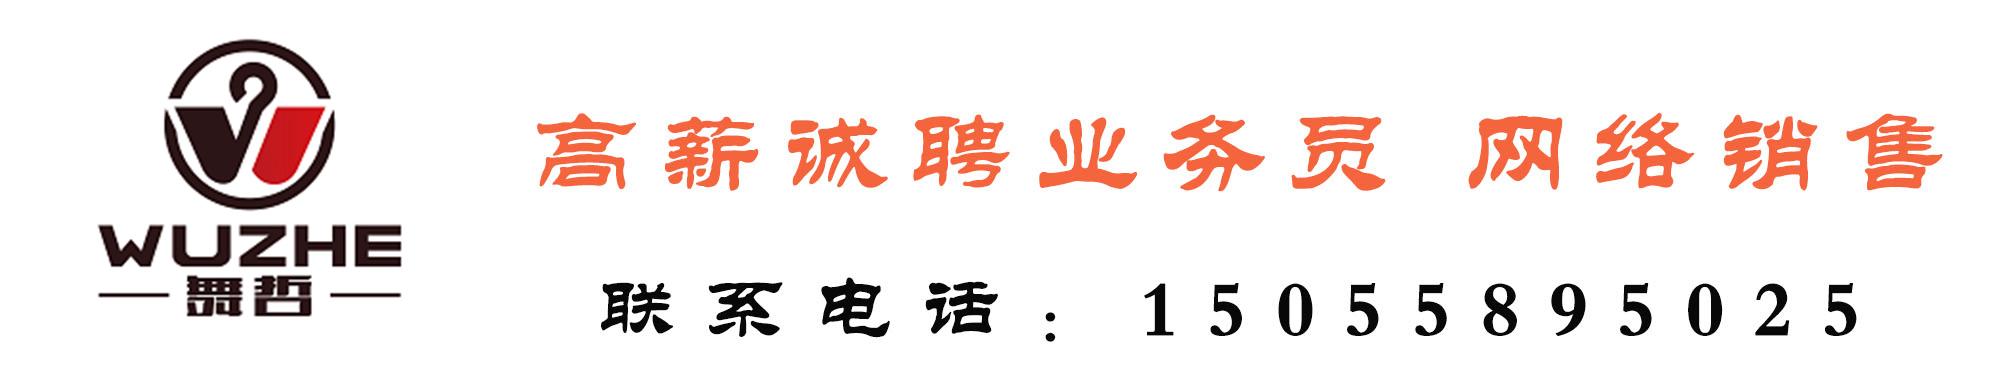 安徽舞哲服飾貿易有限公司